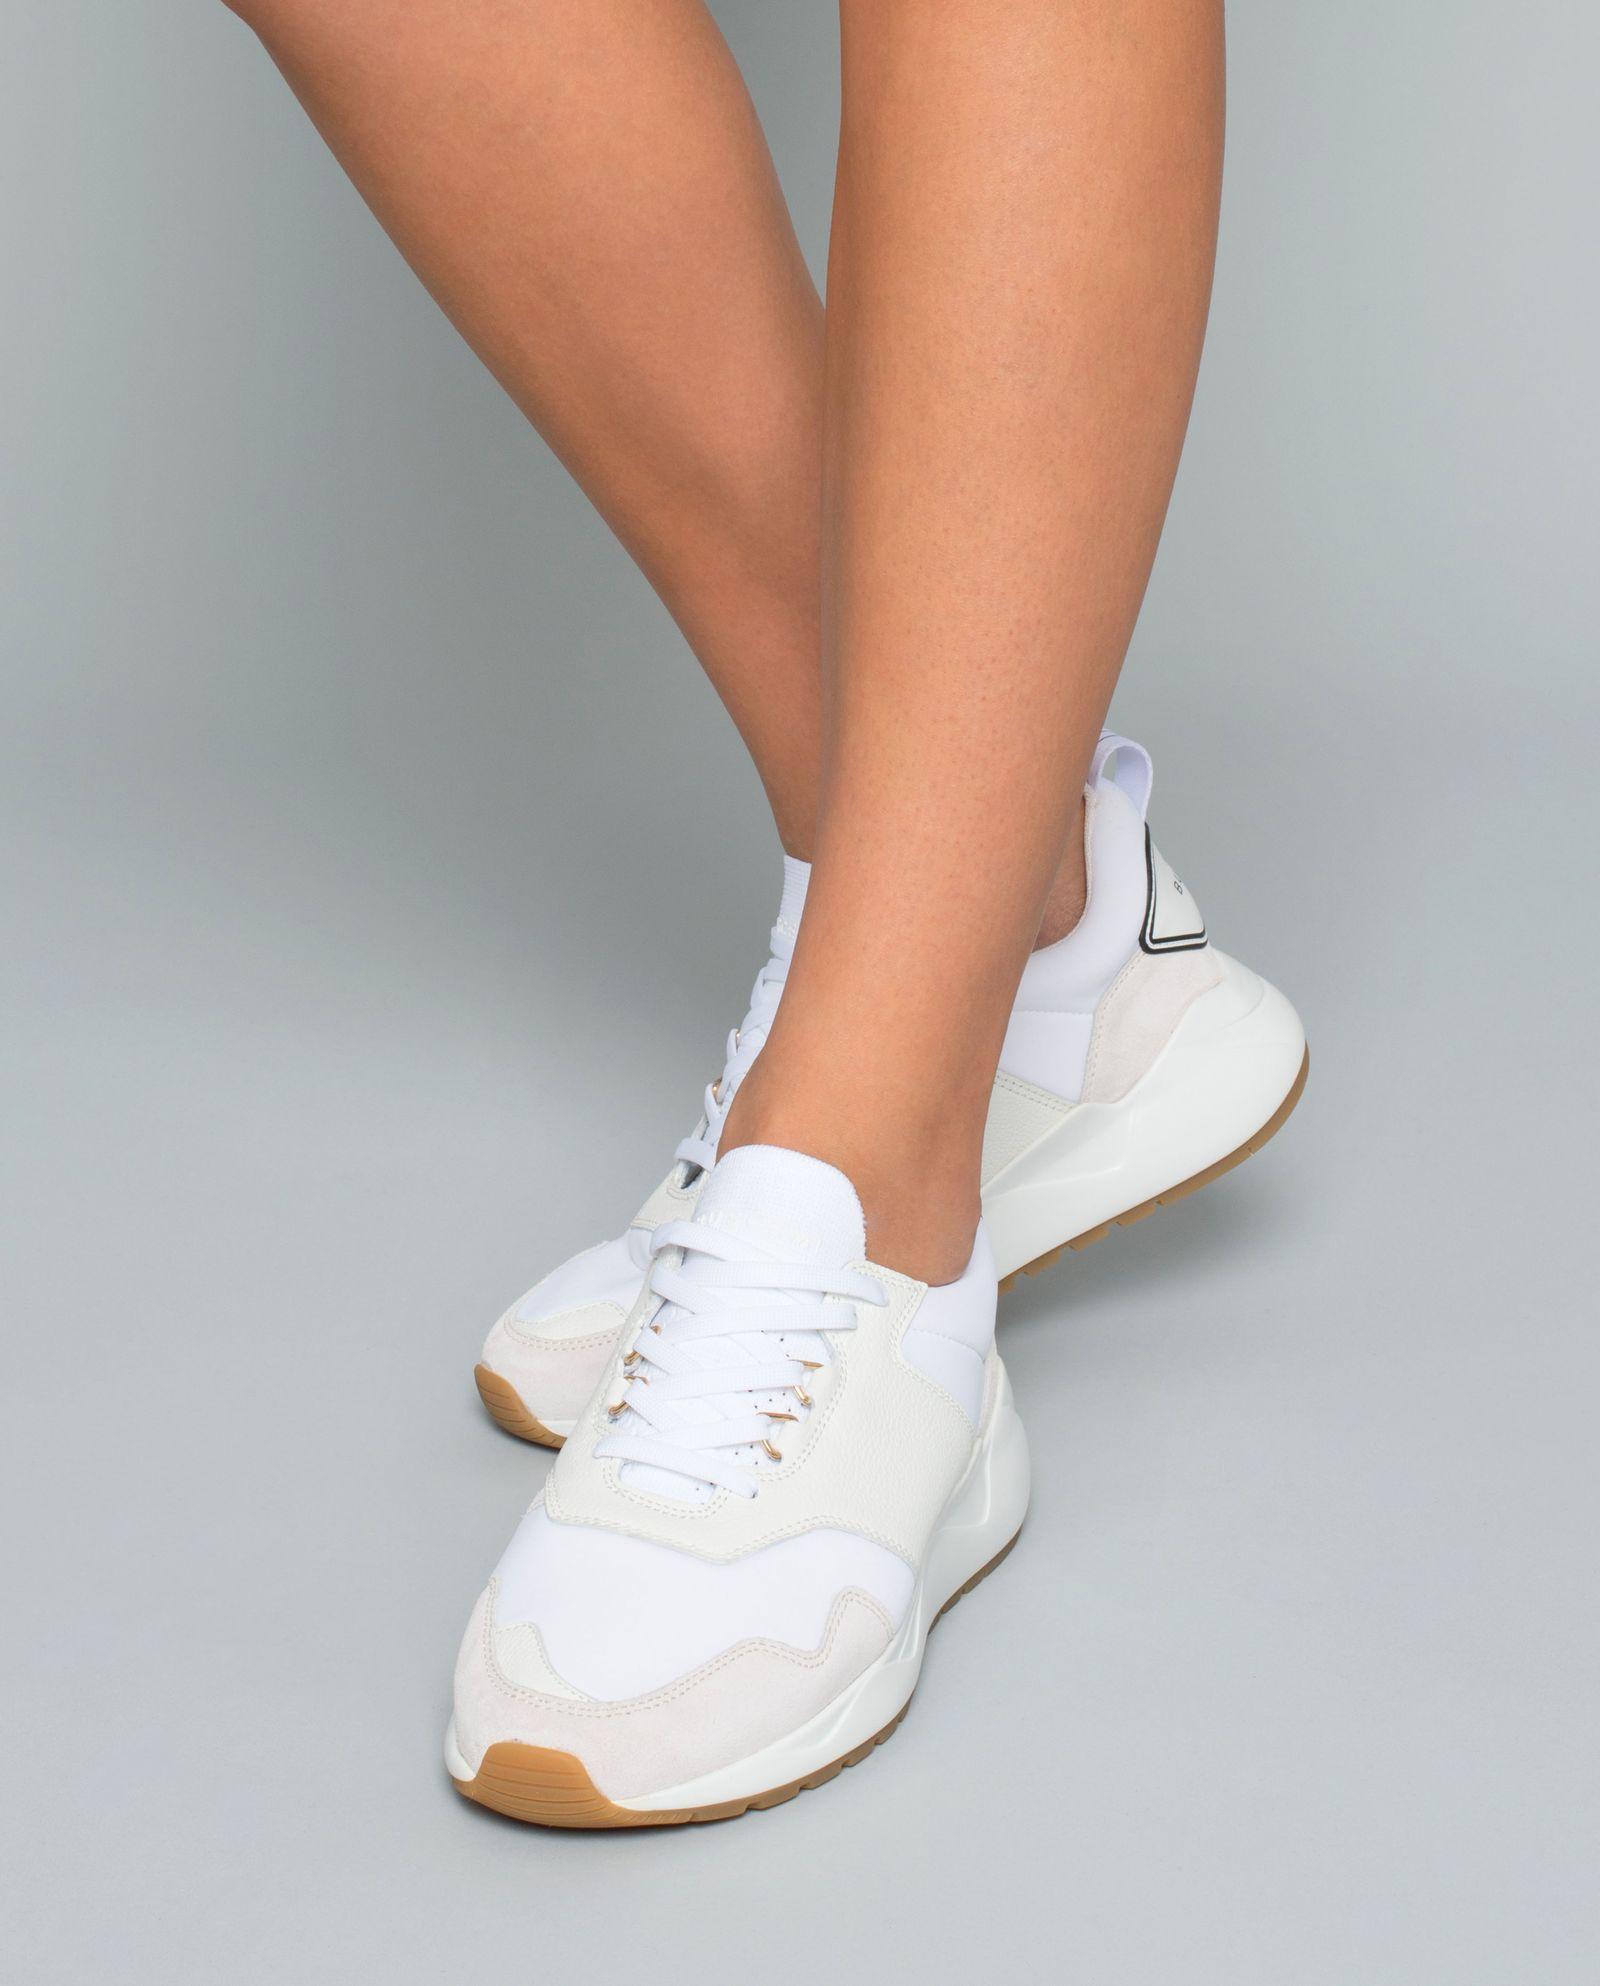 Sneakersy trainers BUSCEMI – Kup teď! Nejlepší ceny a recenze! Obchod  Moliera2.cz. 215658e90a